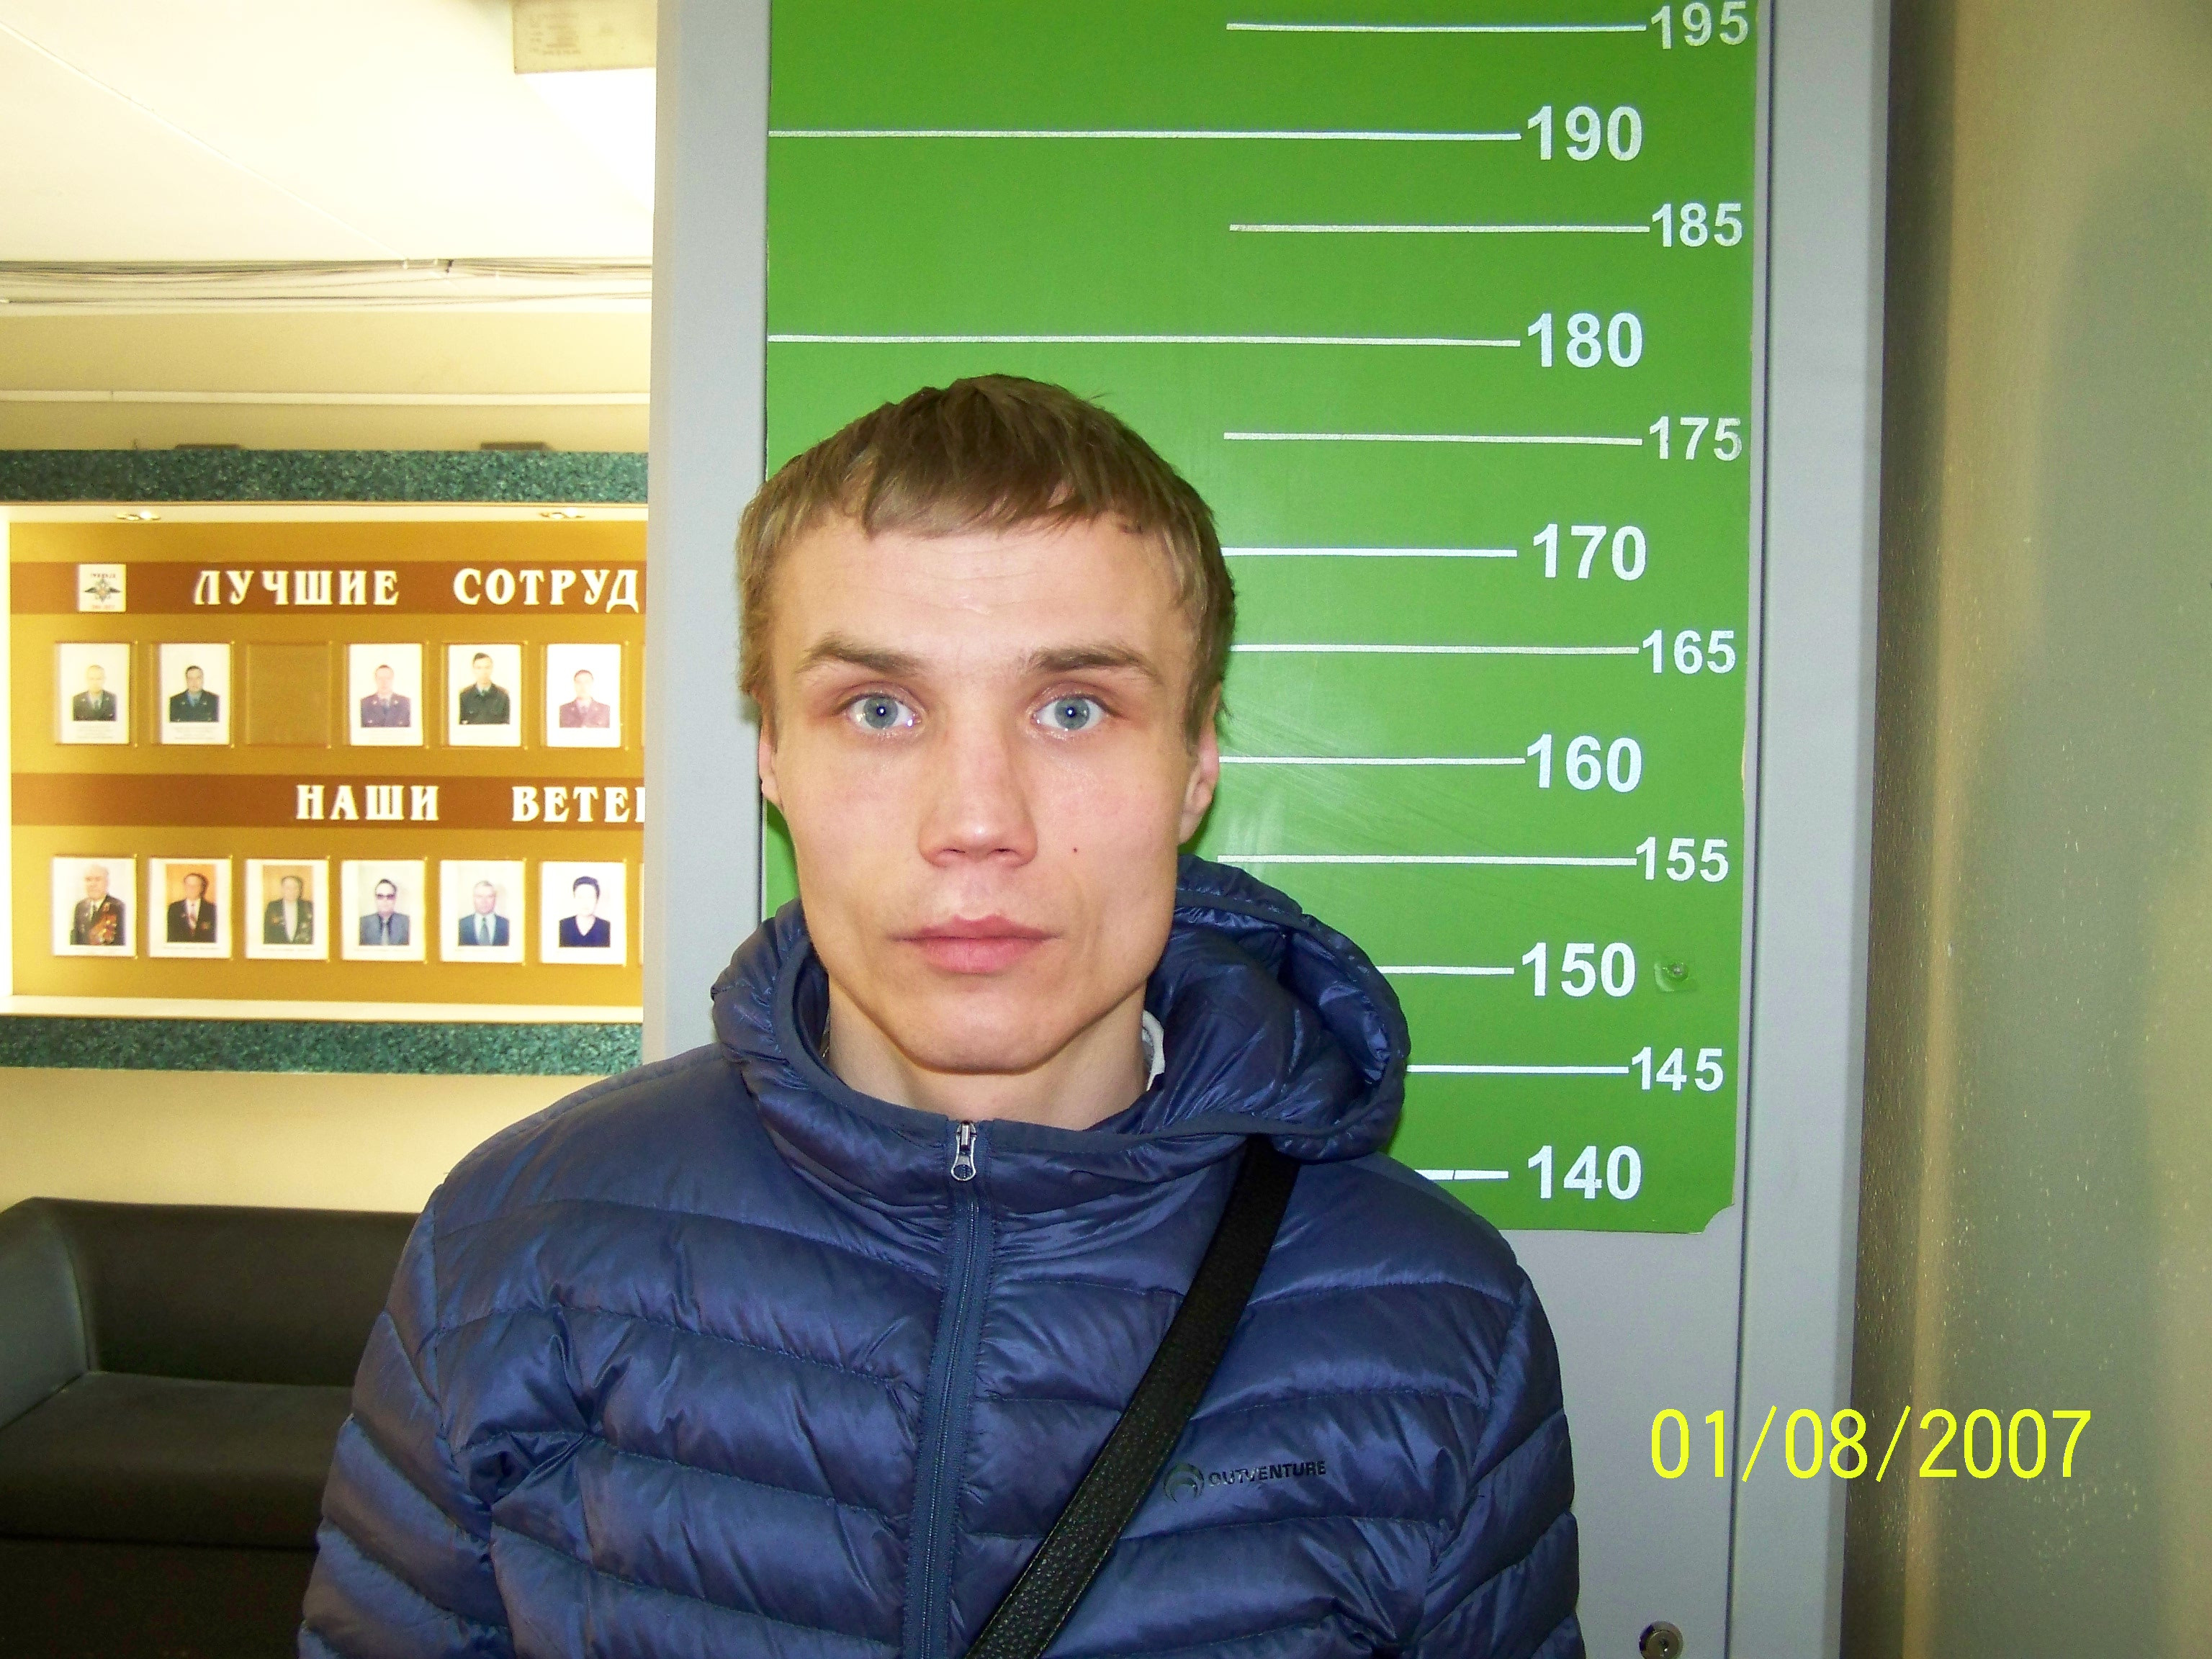 В Екатеринбурге полиция поймала карманника и его беременную жену